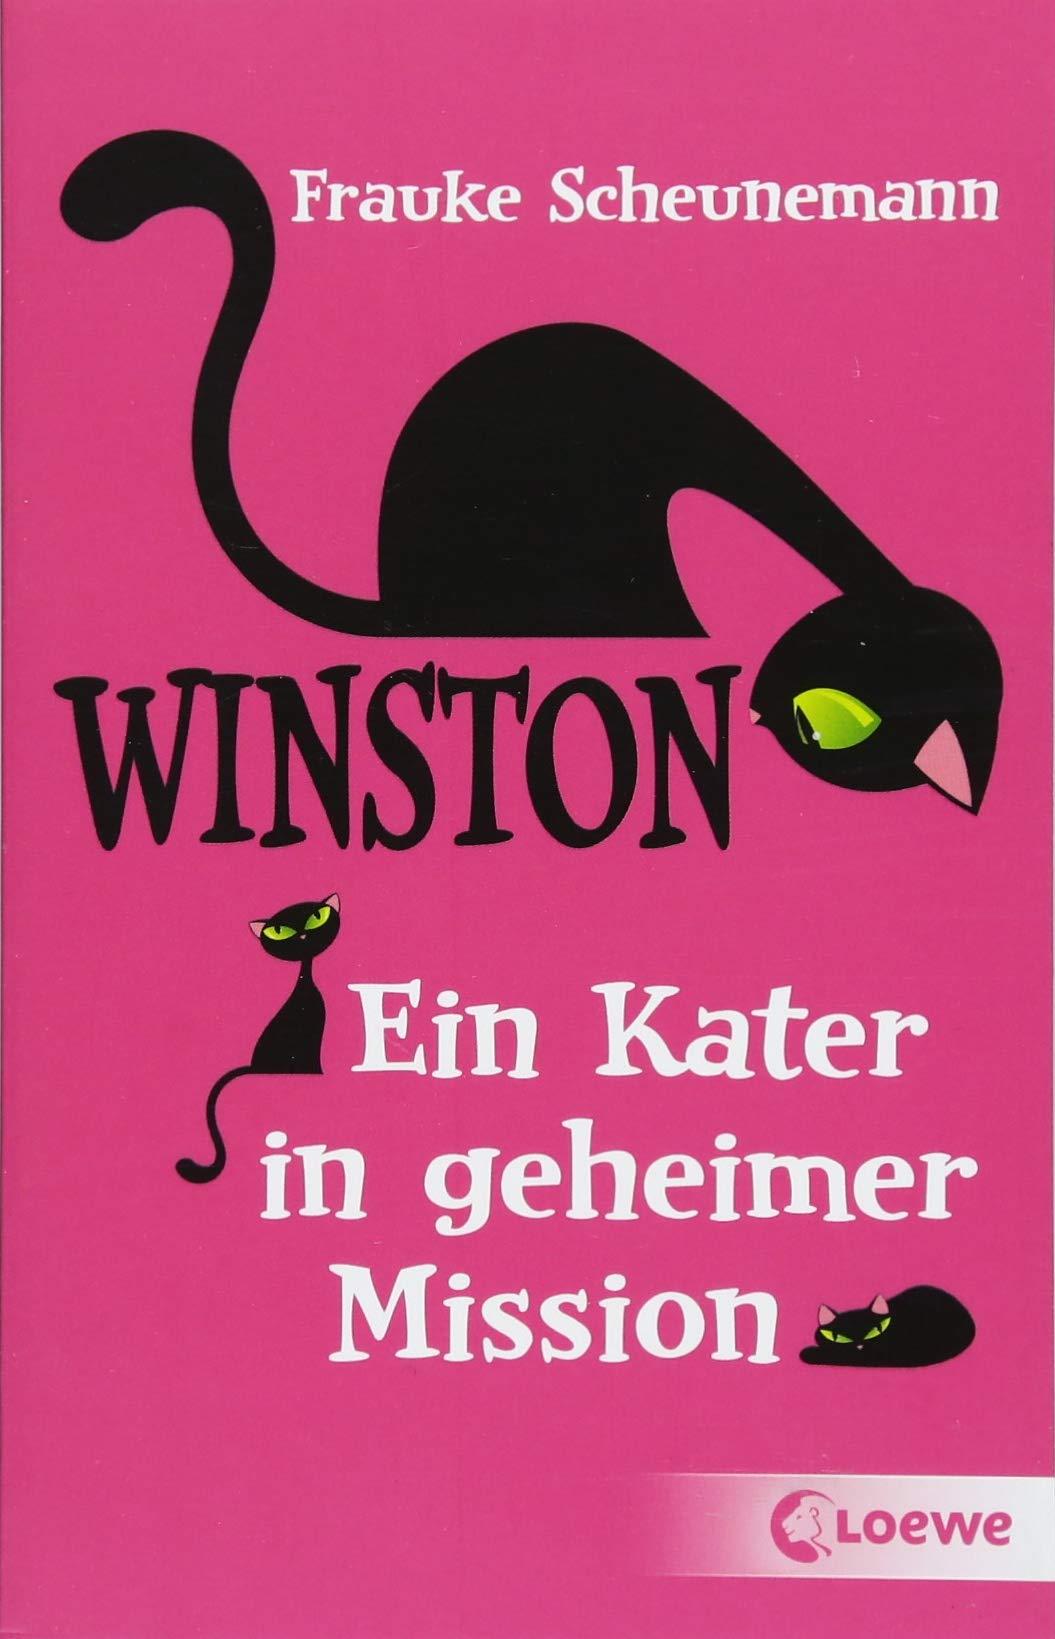 Winston - Ein Kater in geheimer Mission Taschenbuch – 12. März 2018 Frauke Scheunemann Loewe 3785589743 Detektiv / Kinderliteratur